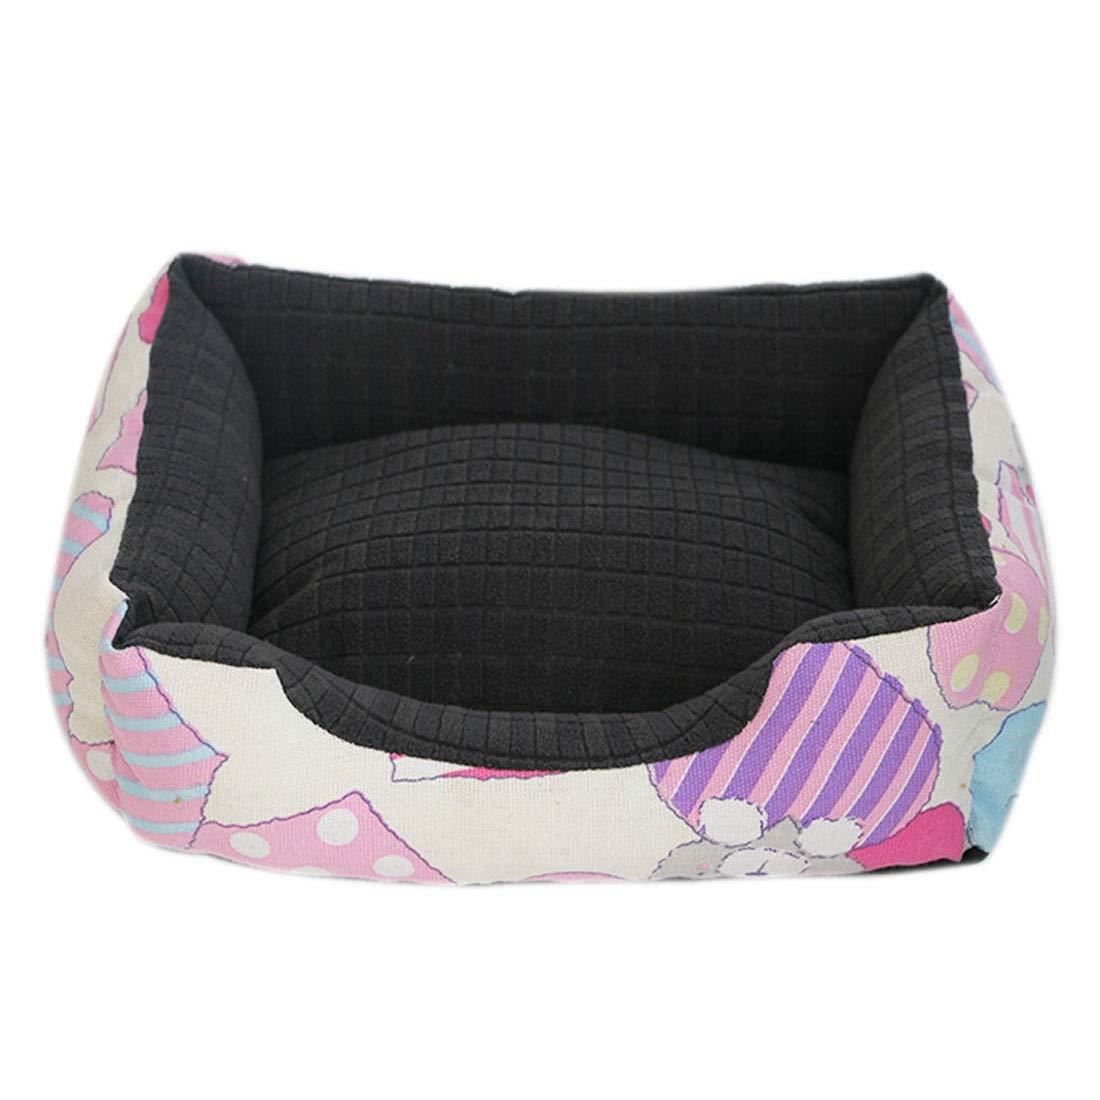 C  XlPink day Pet Bed Pet Large Kennel Cat Litter Removable Washable Canvas Warm Seasons Pet Mat Pet Supplies (color   D , Size   Xl)